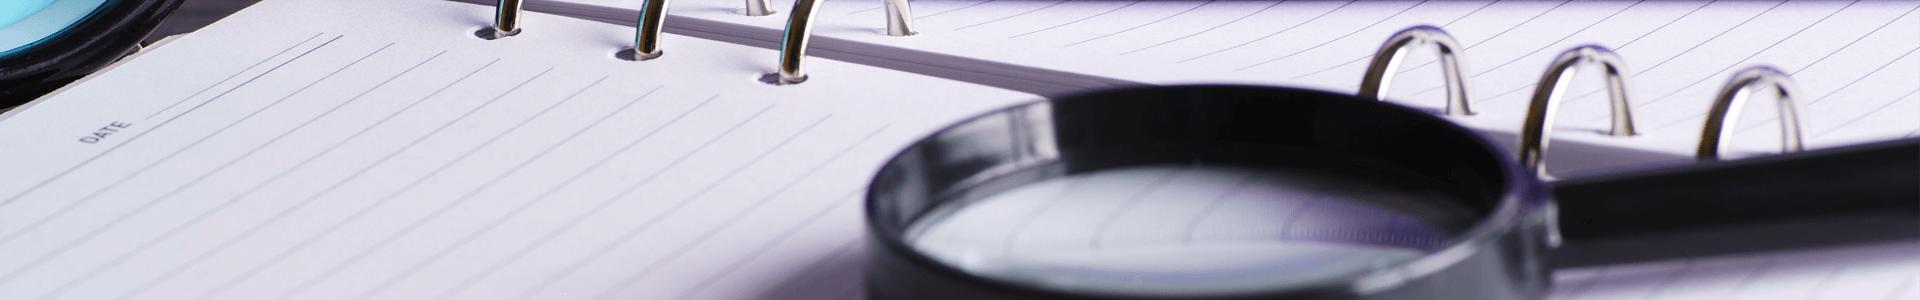 Nieuw: Merkregistratie bij Mijndomein